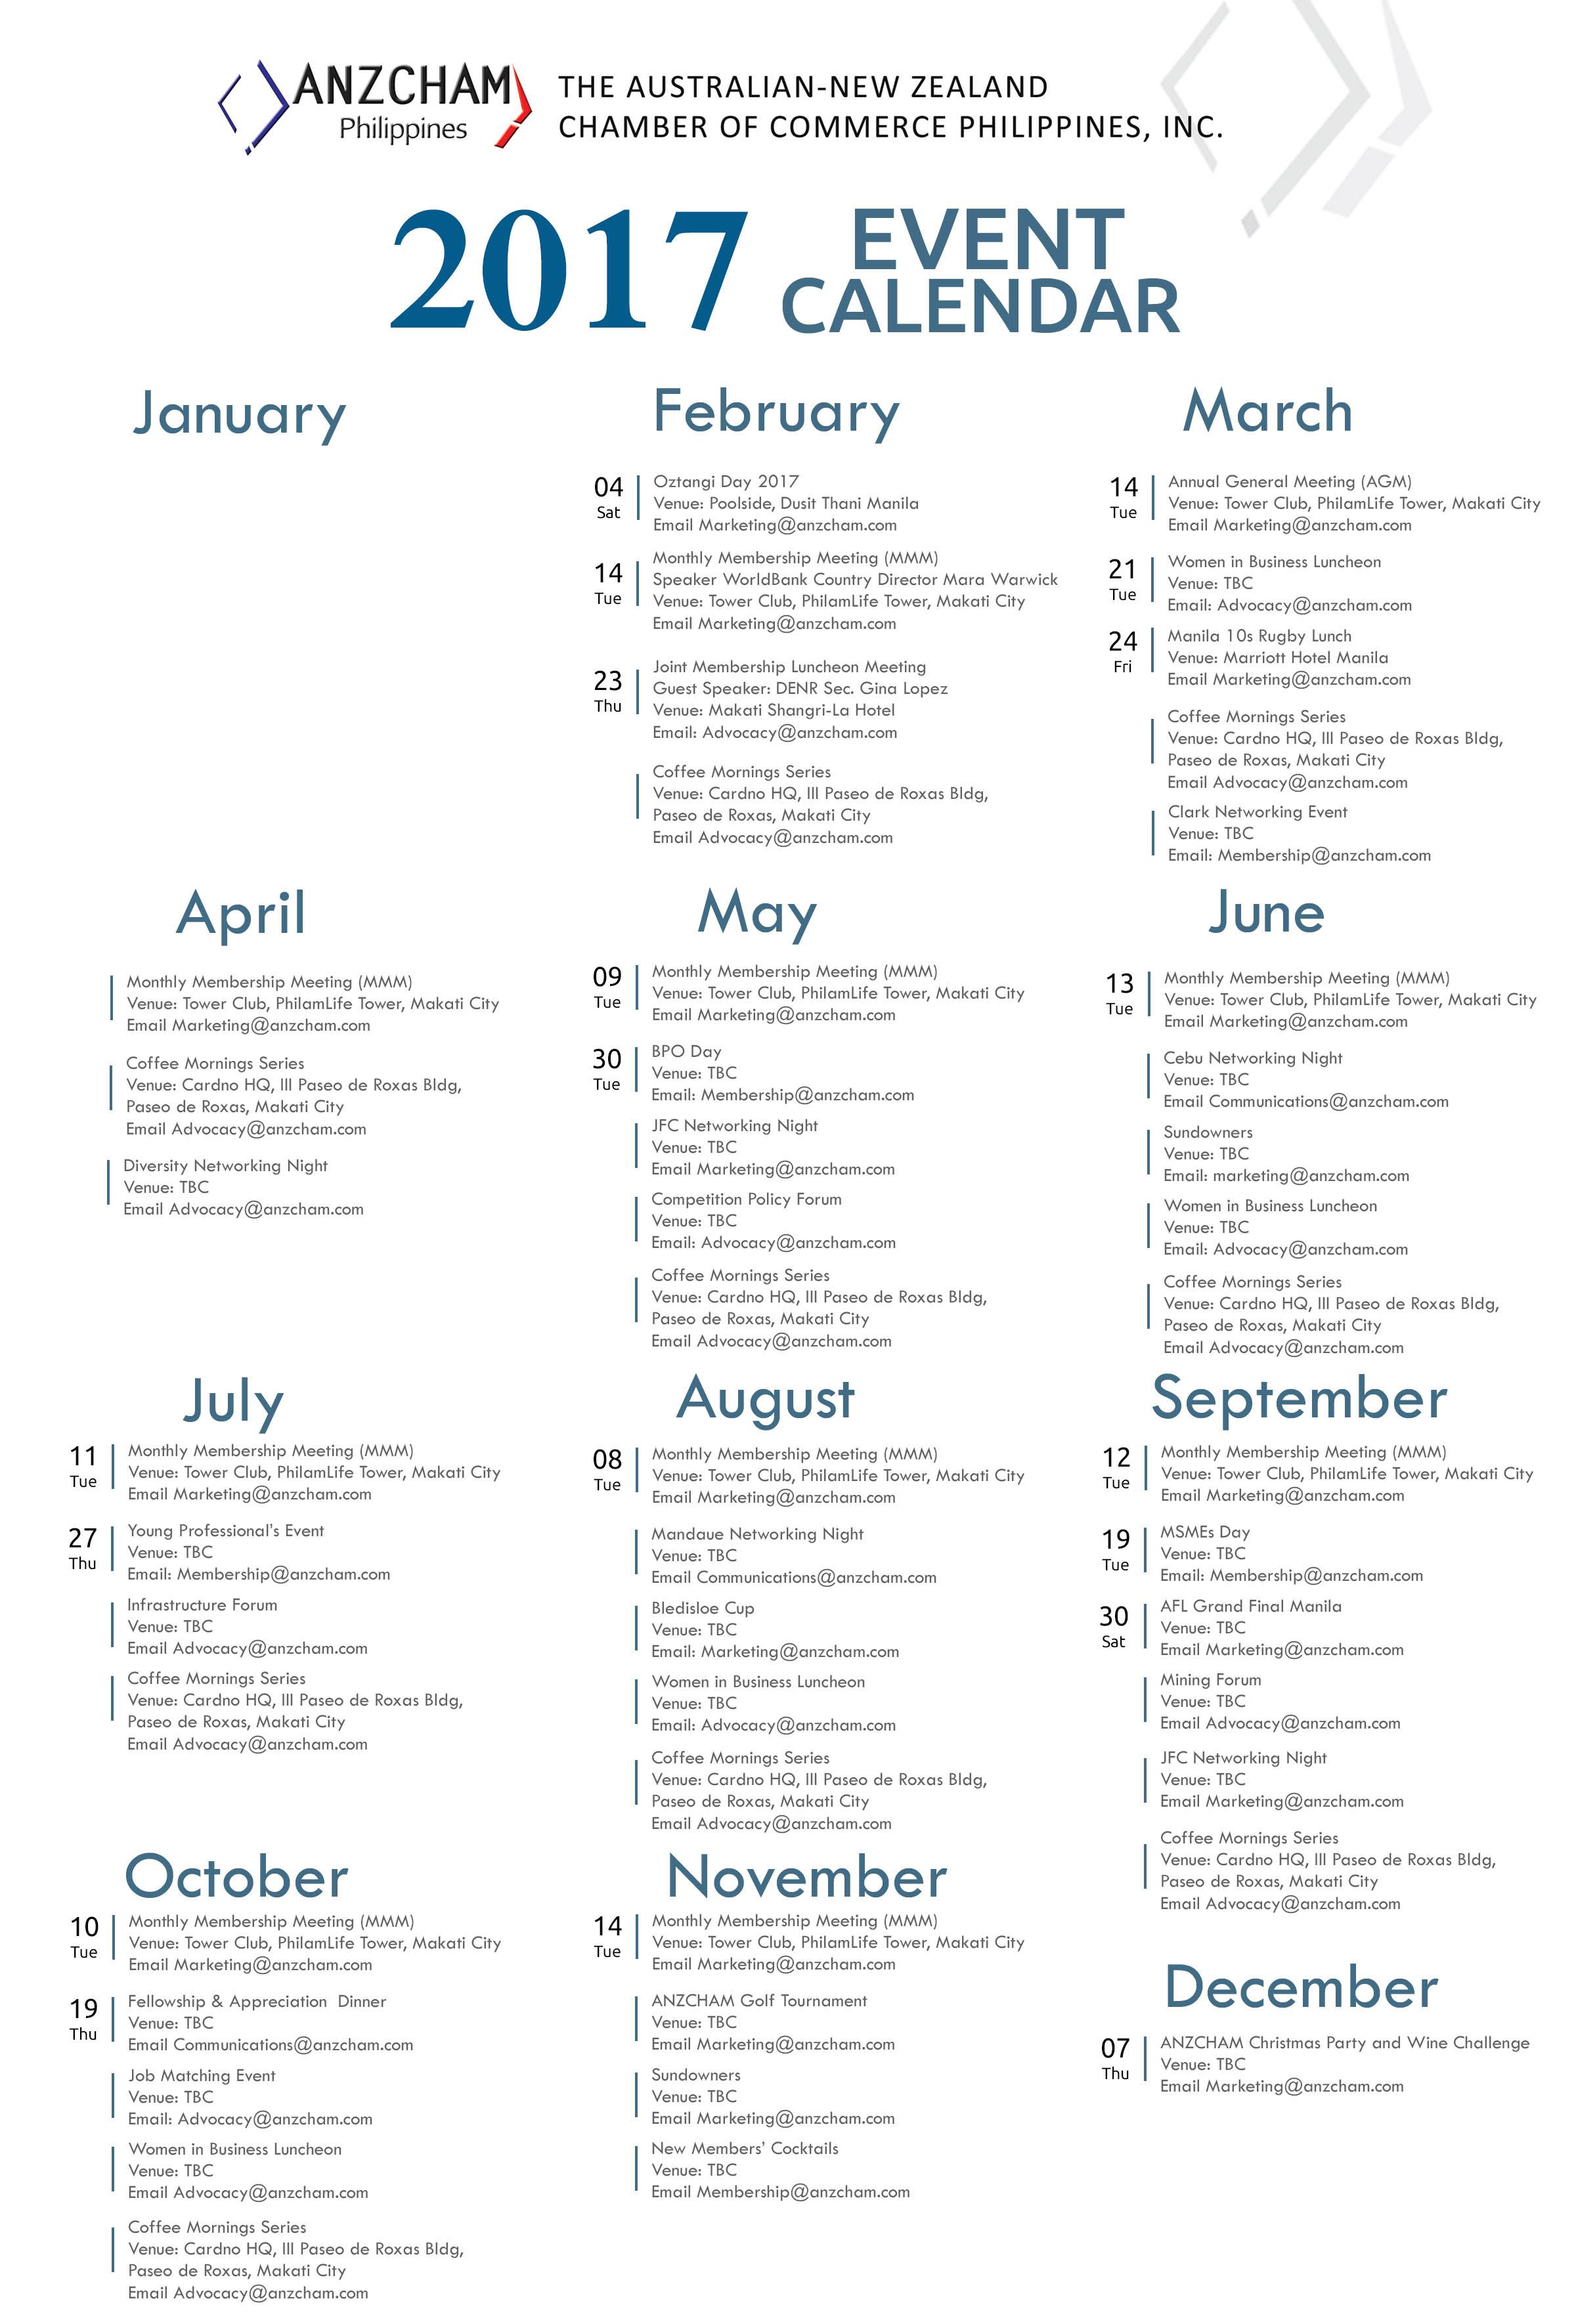 2017 ANZCHAM Event Calendar